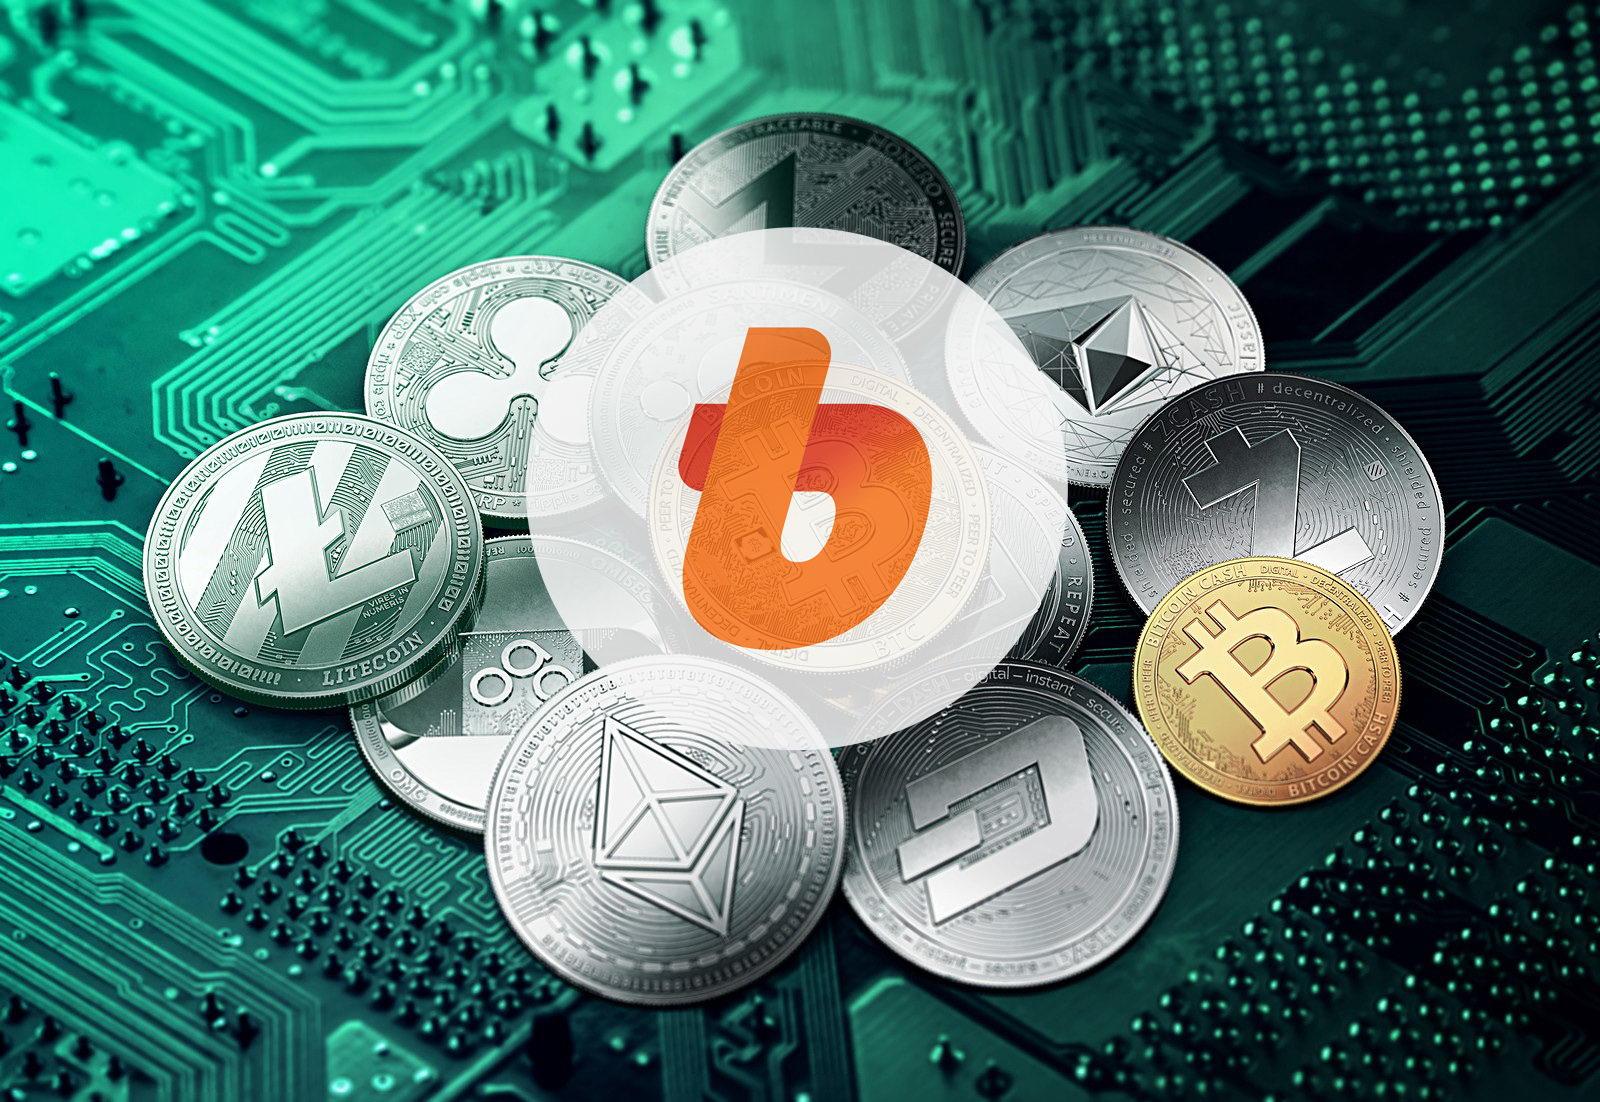 Криптовалютную биржу Bithumb ограбили второй раз за год